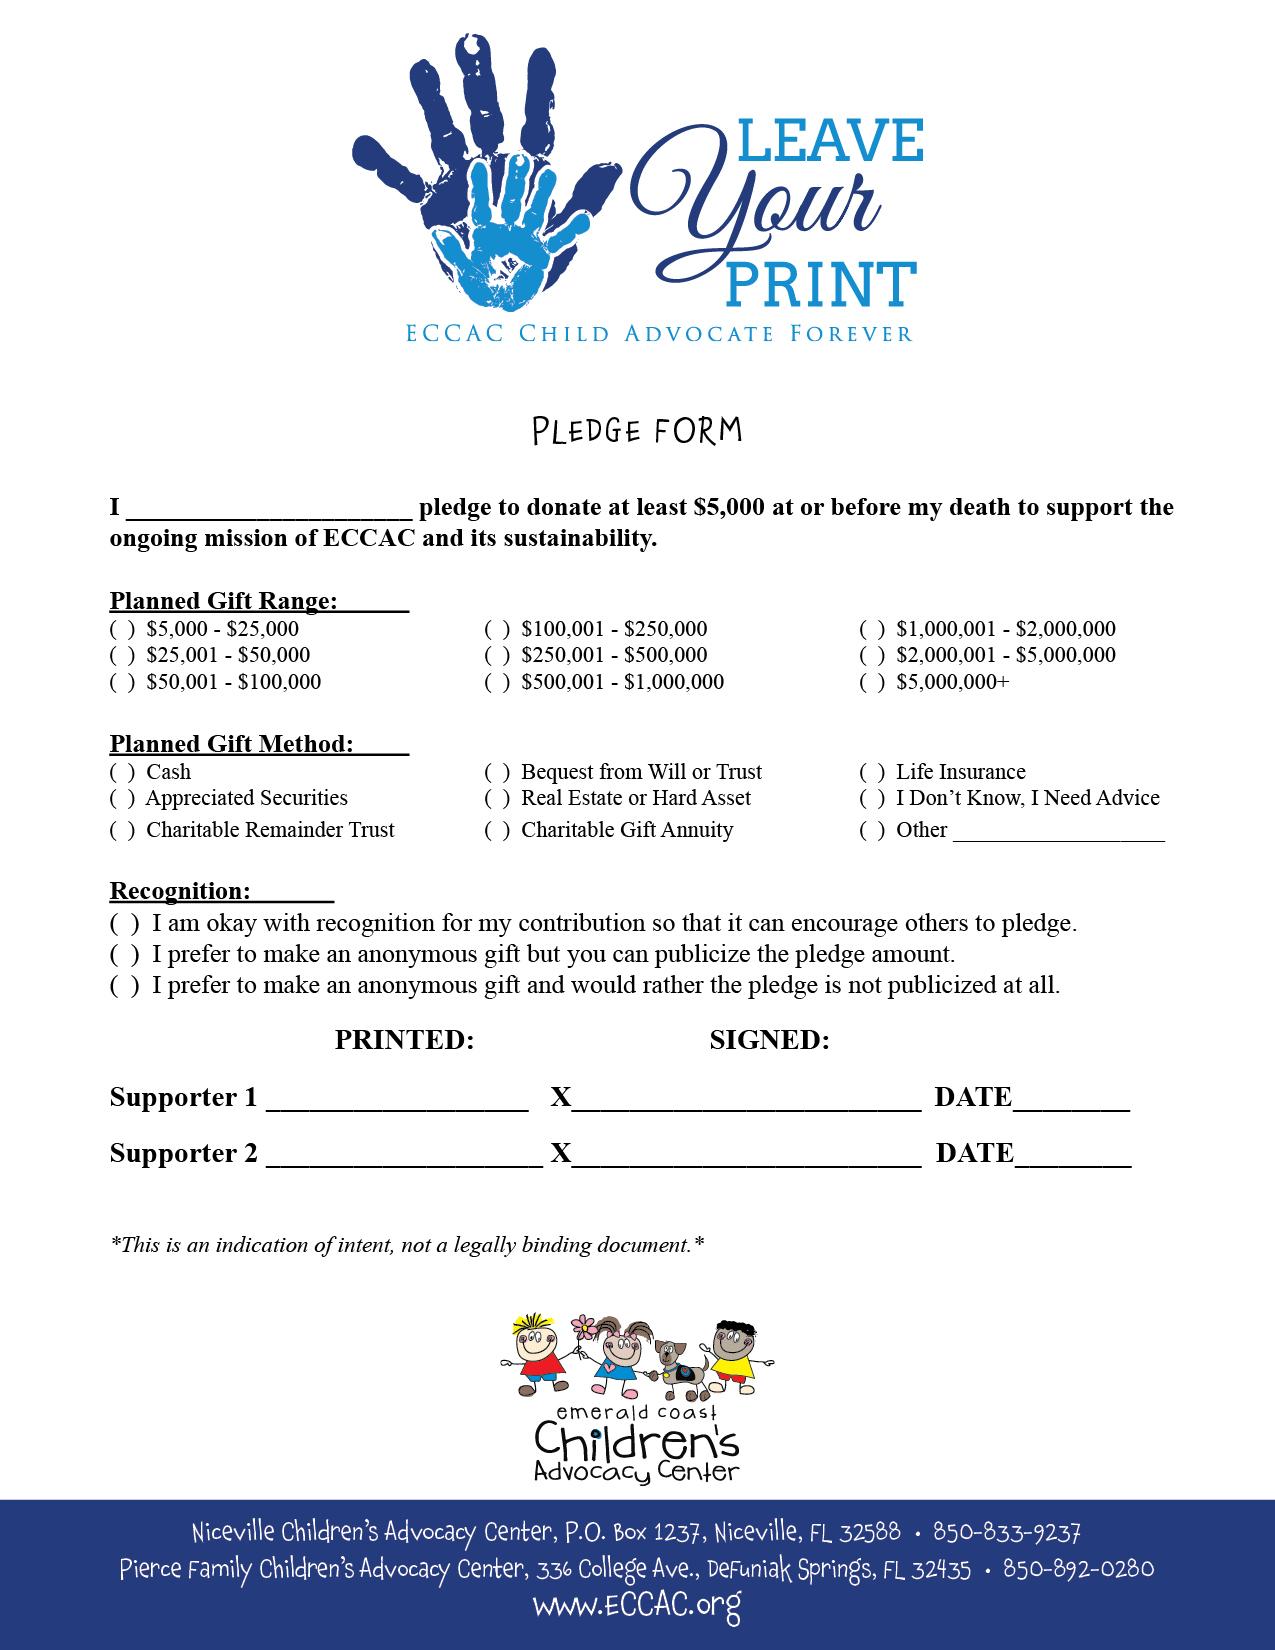 Leave Your Print 040819 webt2.jpg